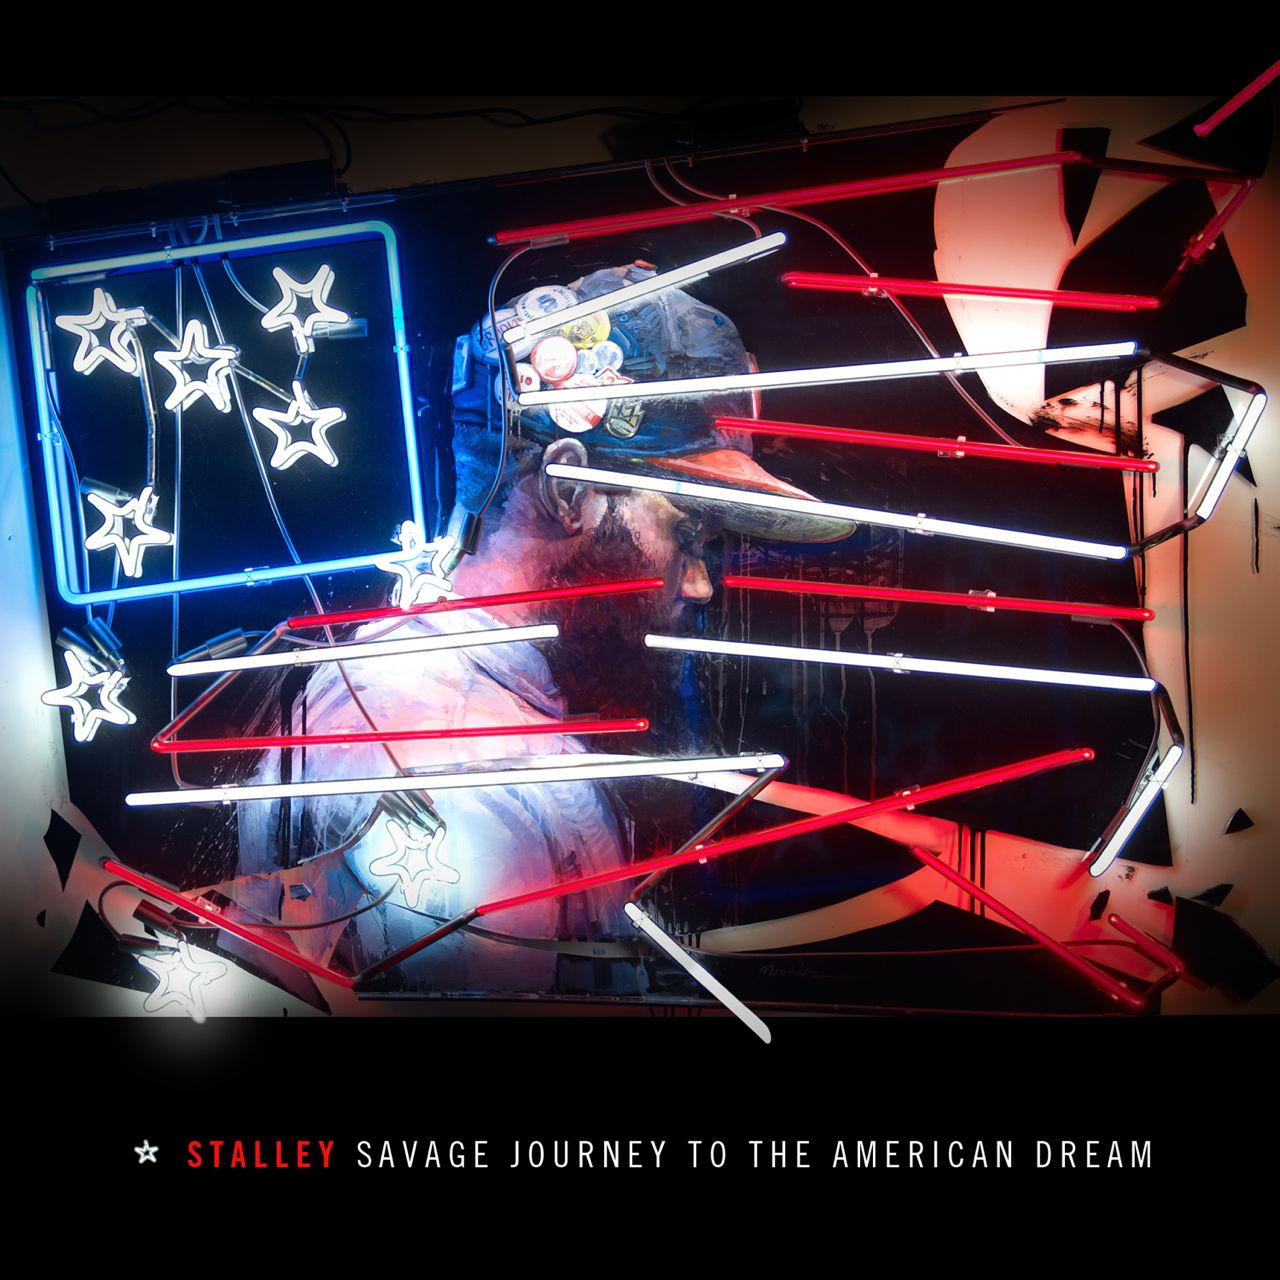 Stalley Patrick Martinez Savage Journey American Dream AM 1